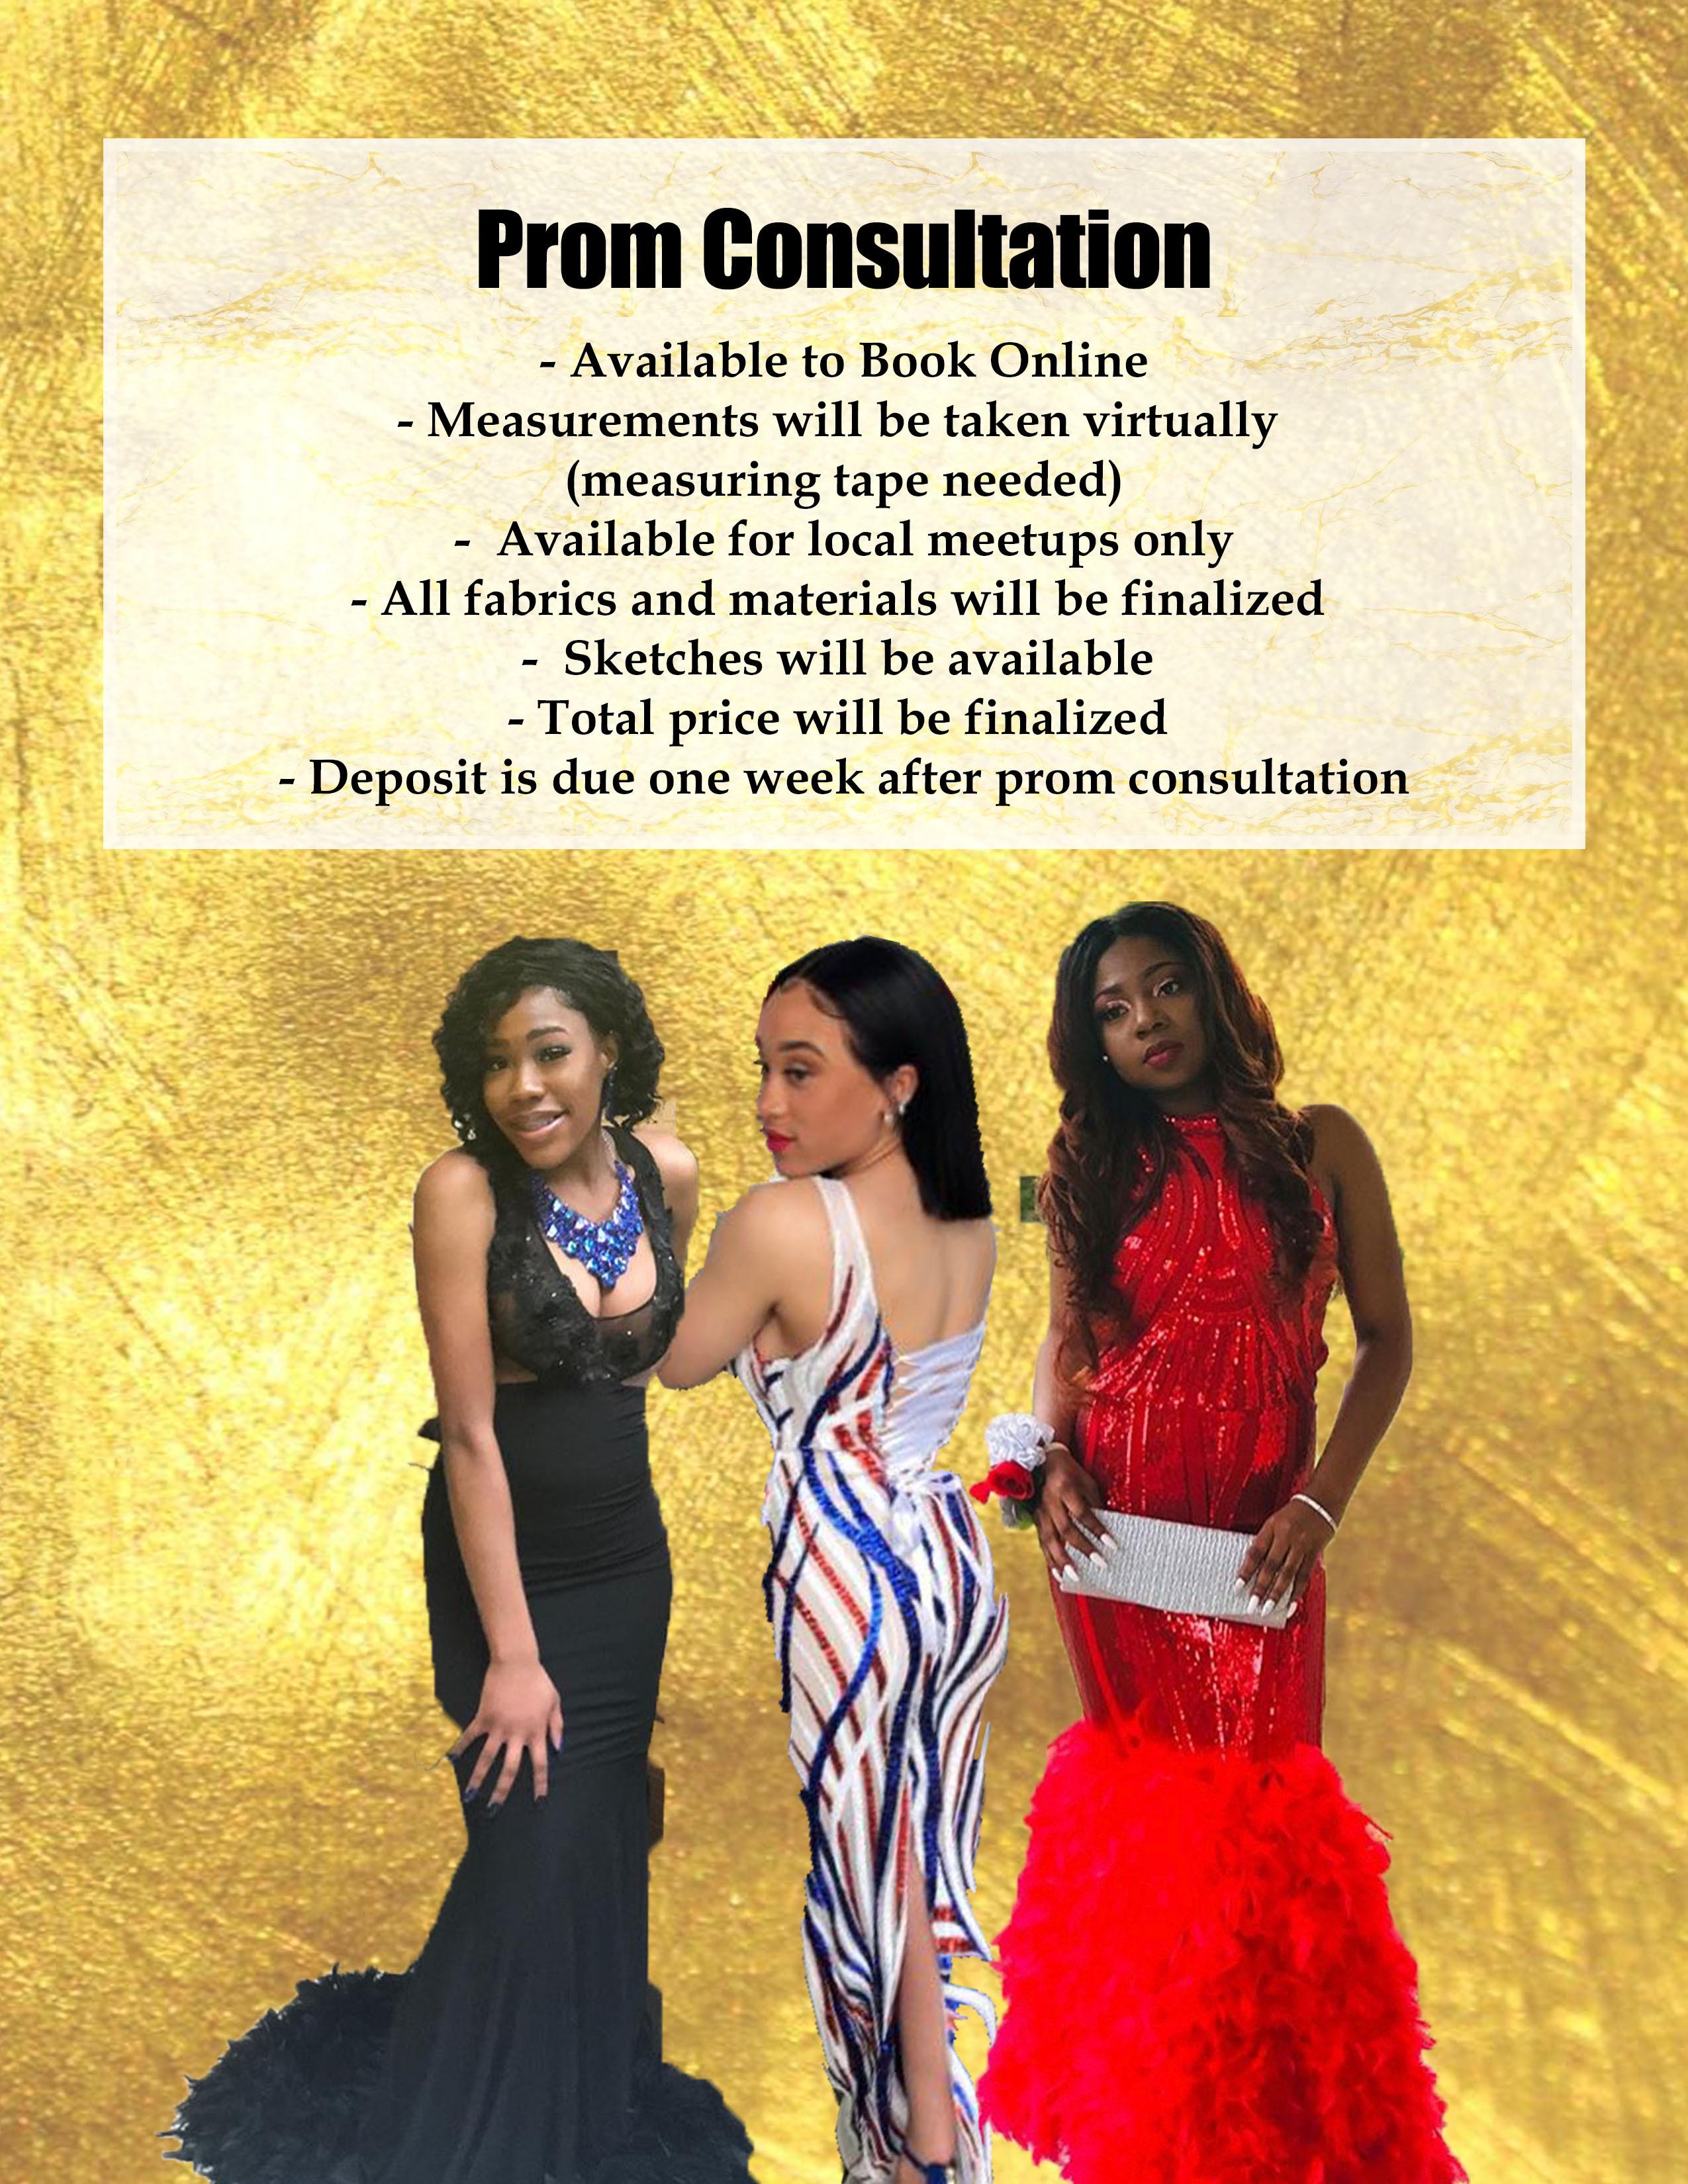 Prom Consultation